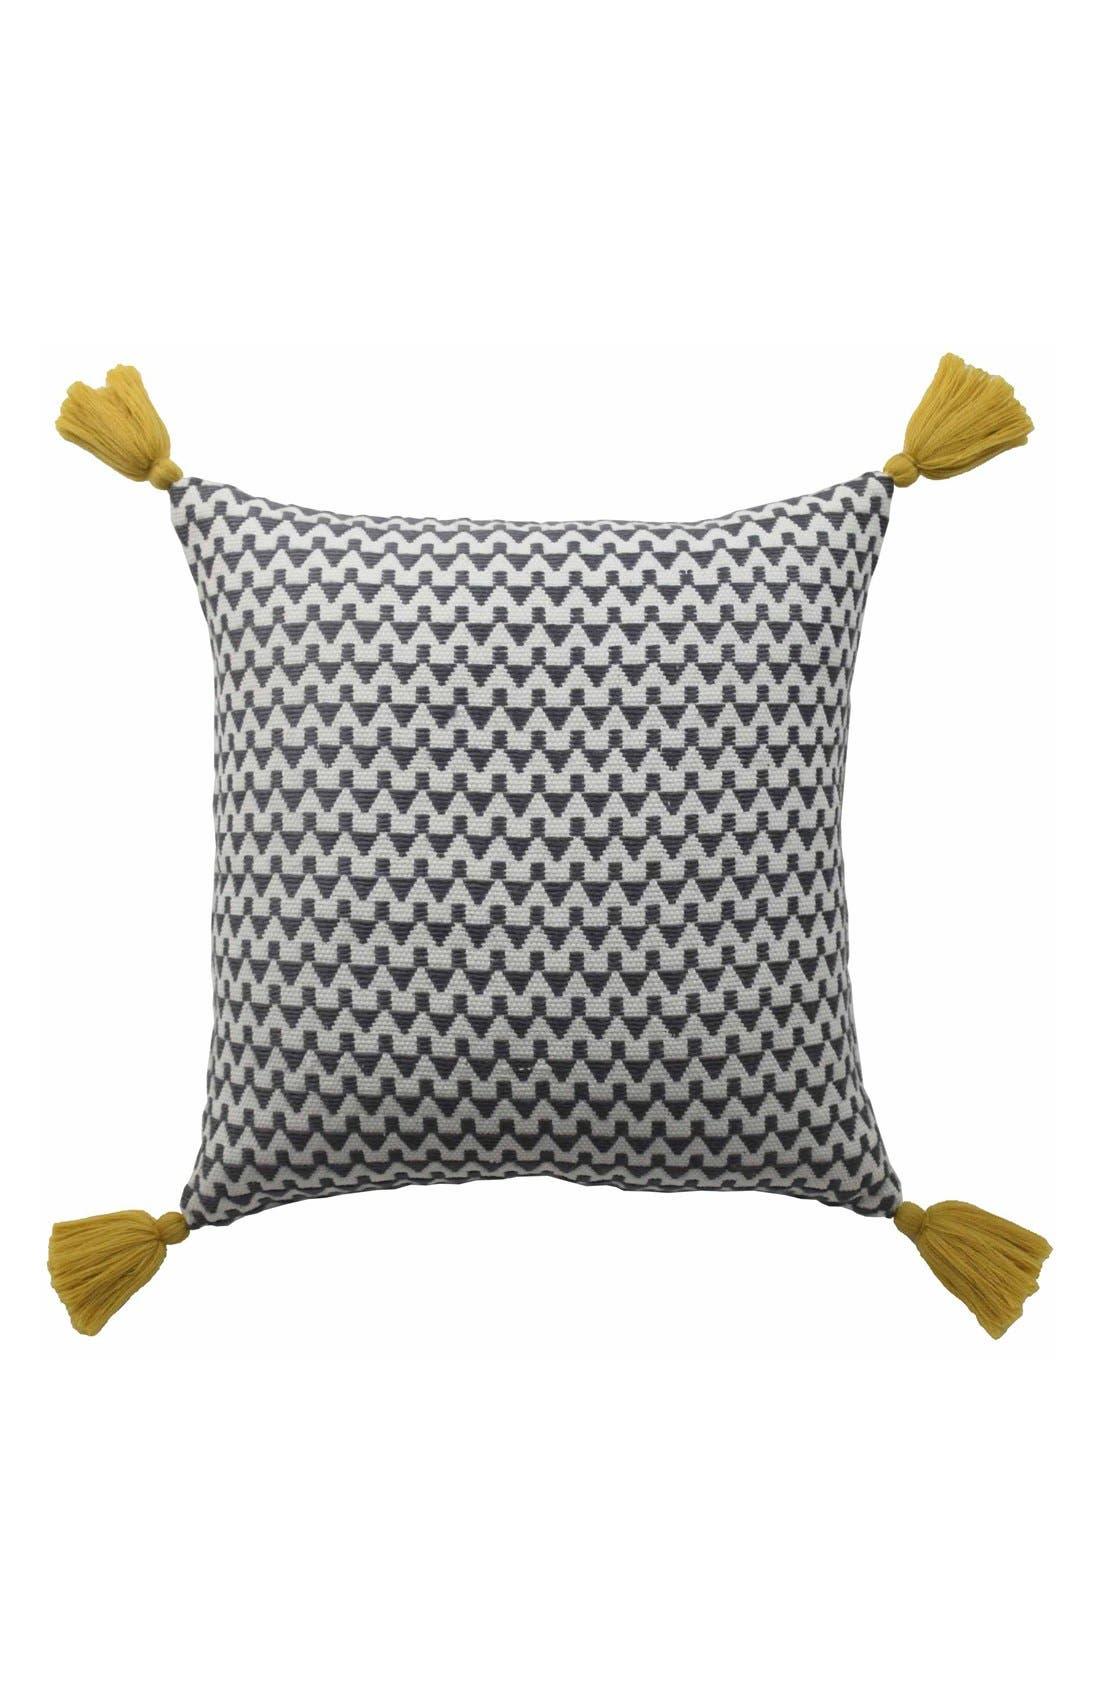 Blissliving Home 'Winnie' Pillow